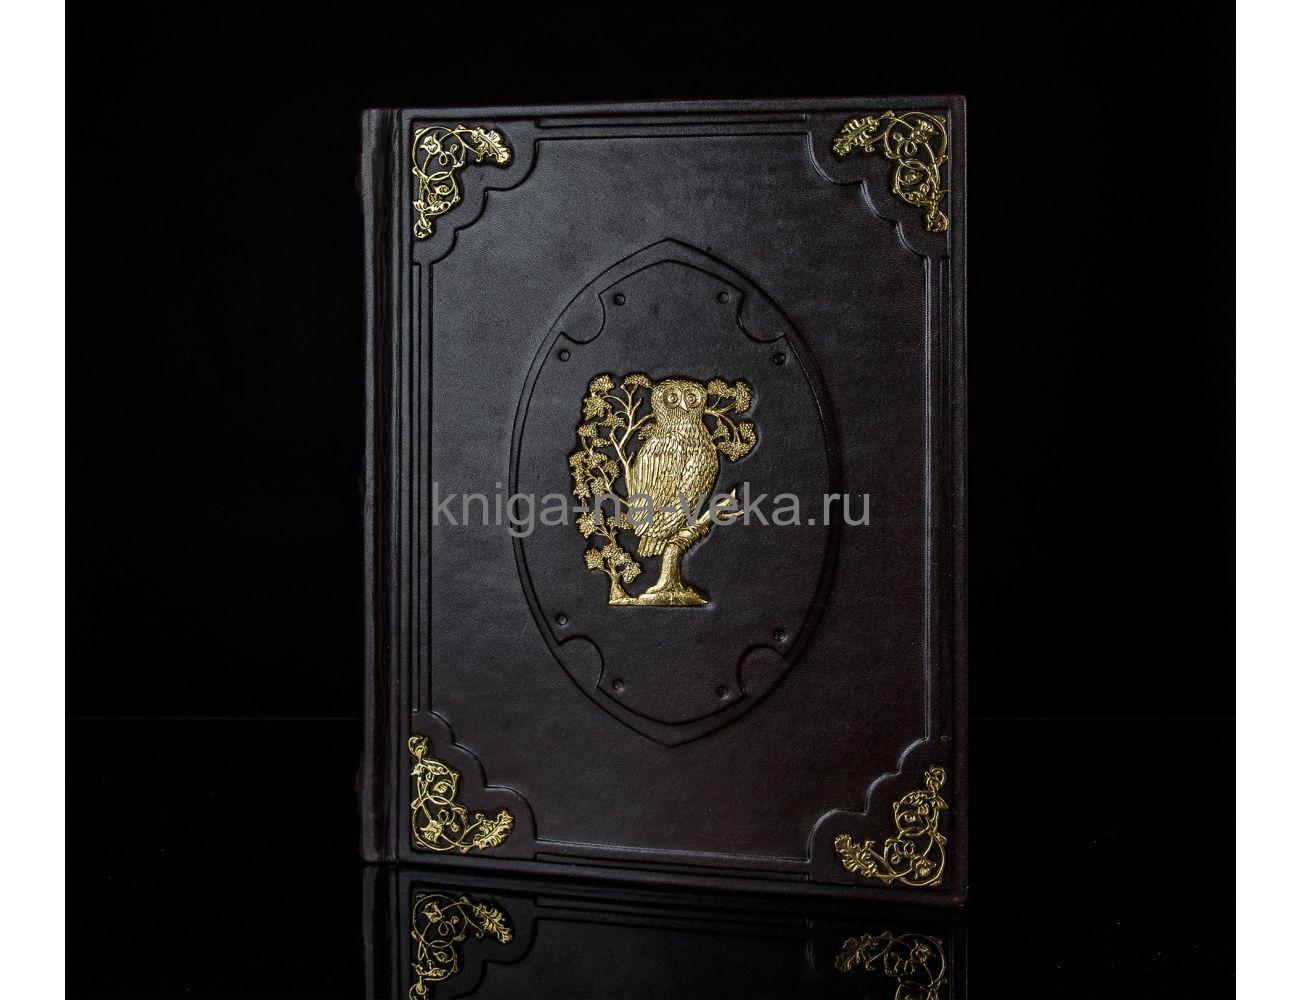 """Книга """"Книга мудрости"""" в кожаном переплёте с ажурными уголками и накладкой в виде совы"""